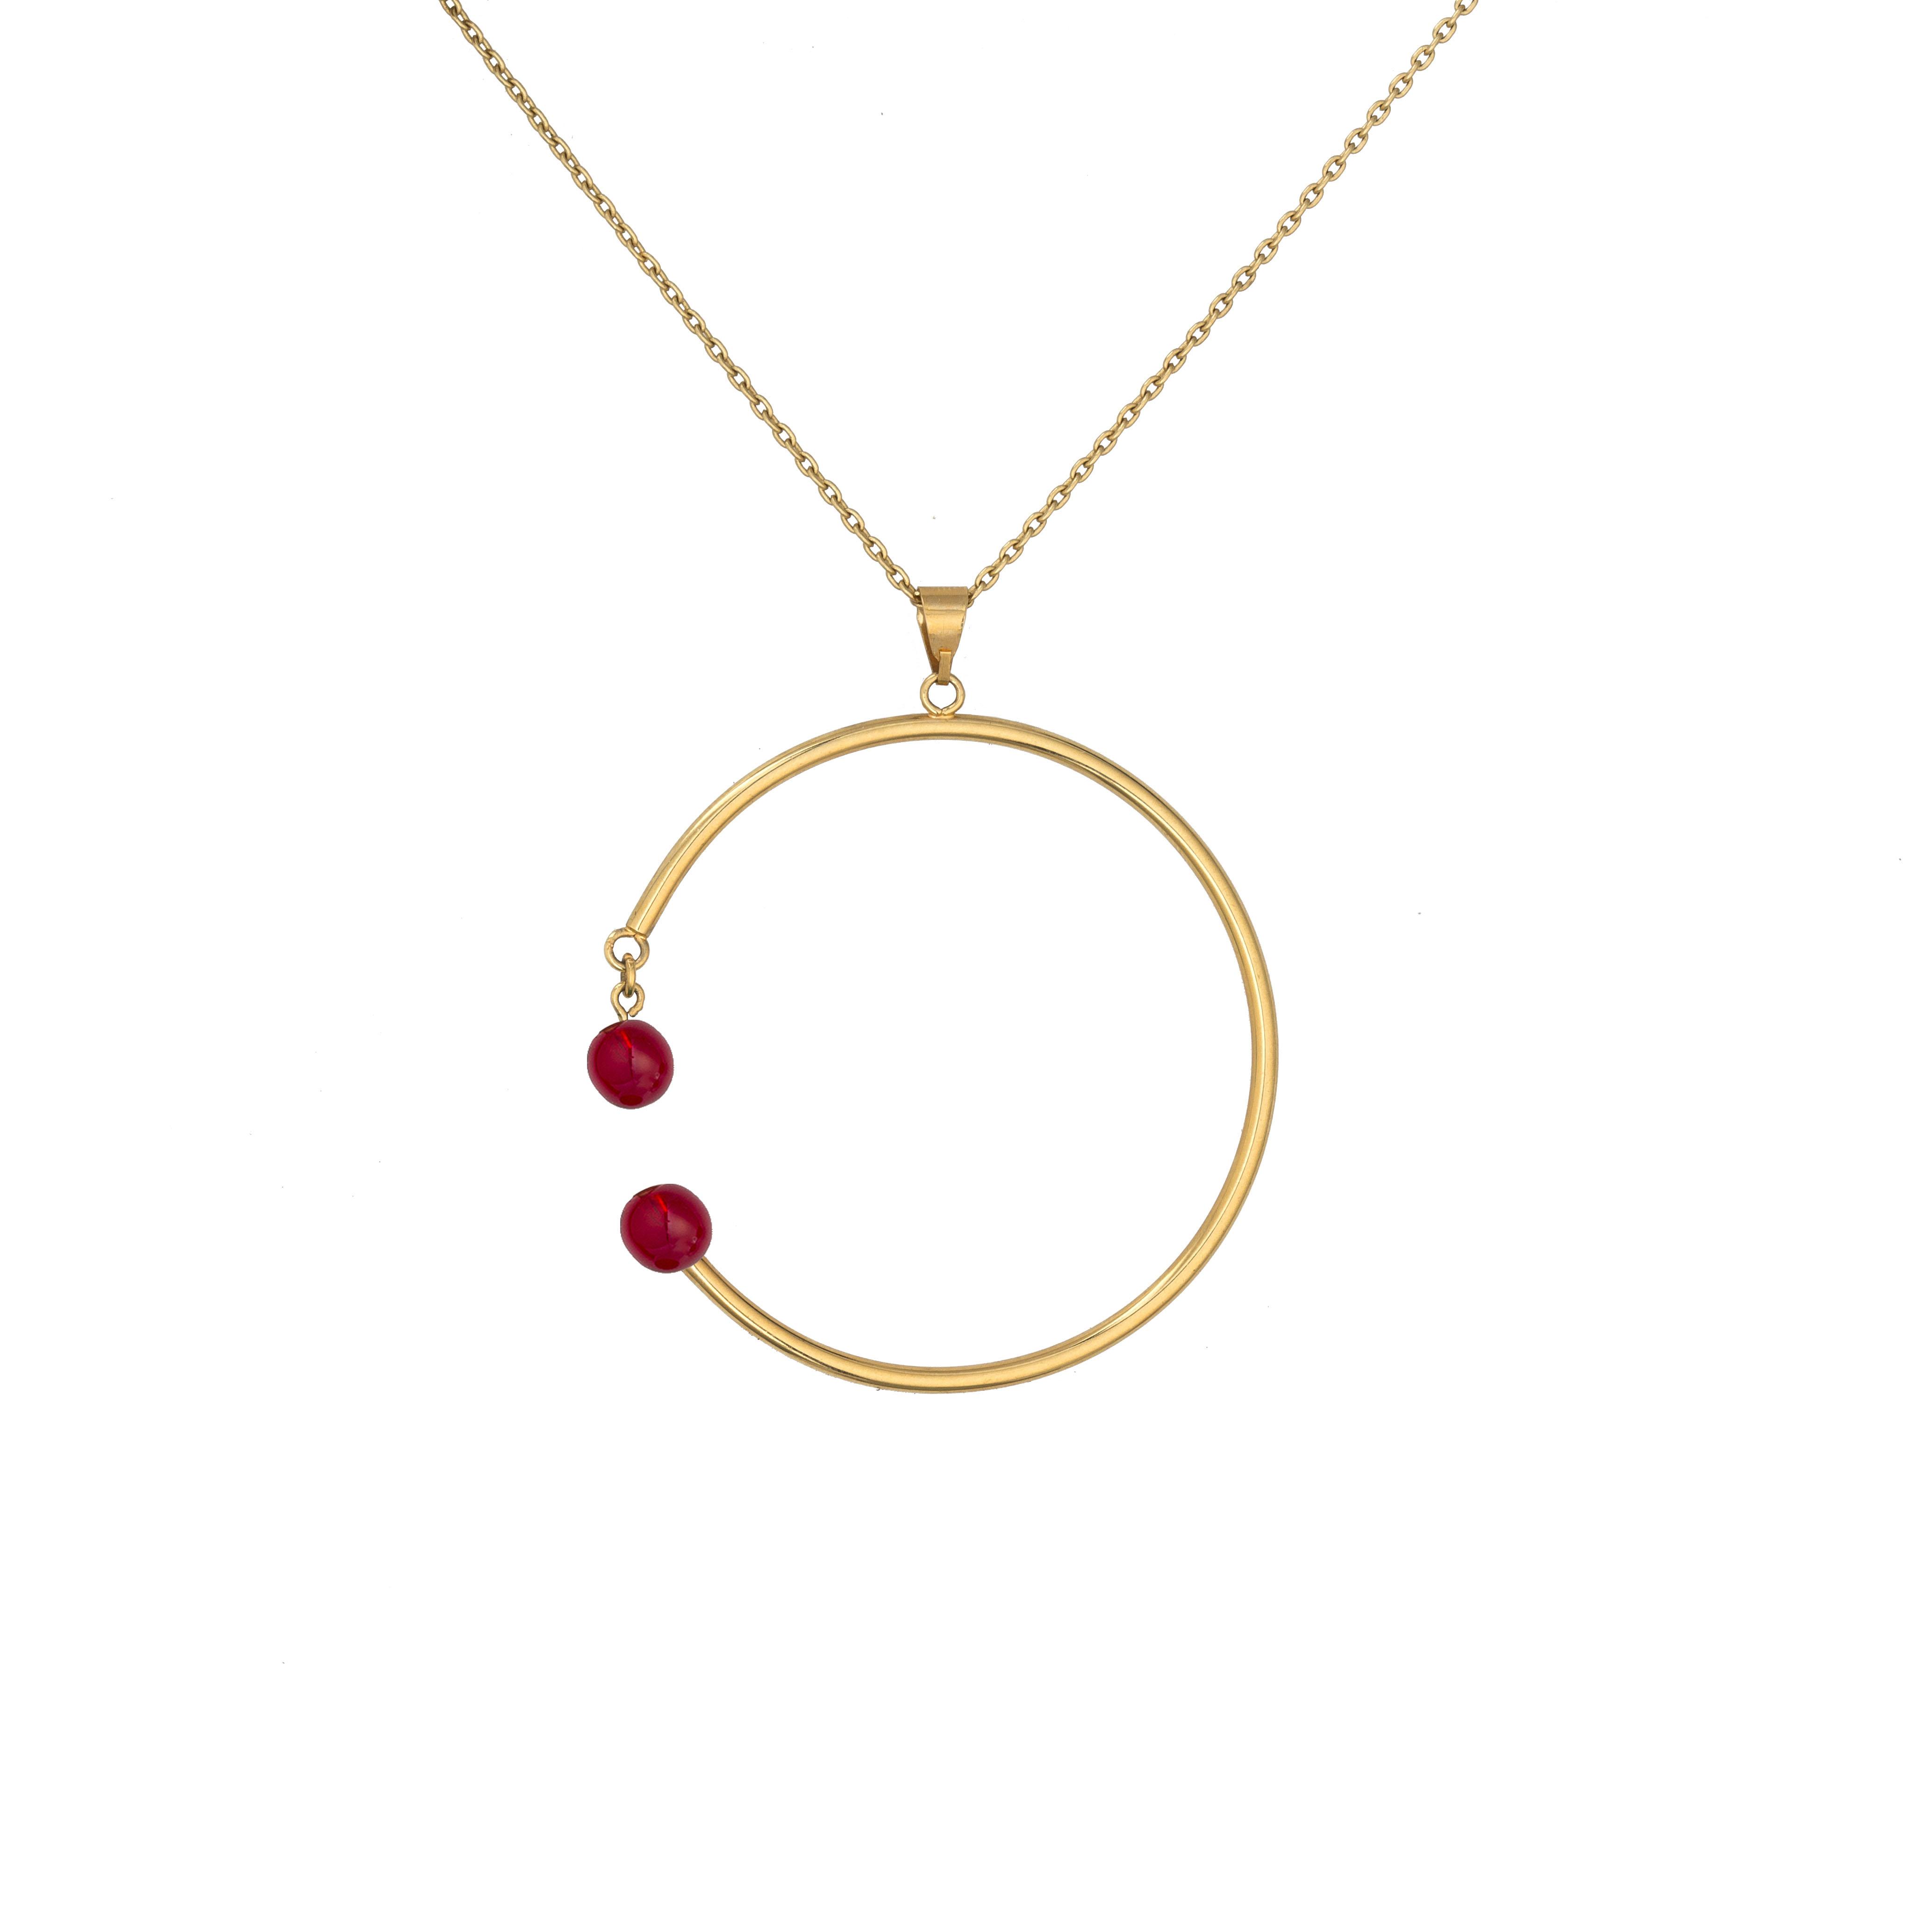 12.Li Jewels oi1819 red